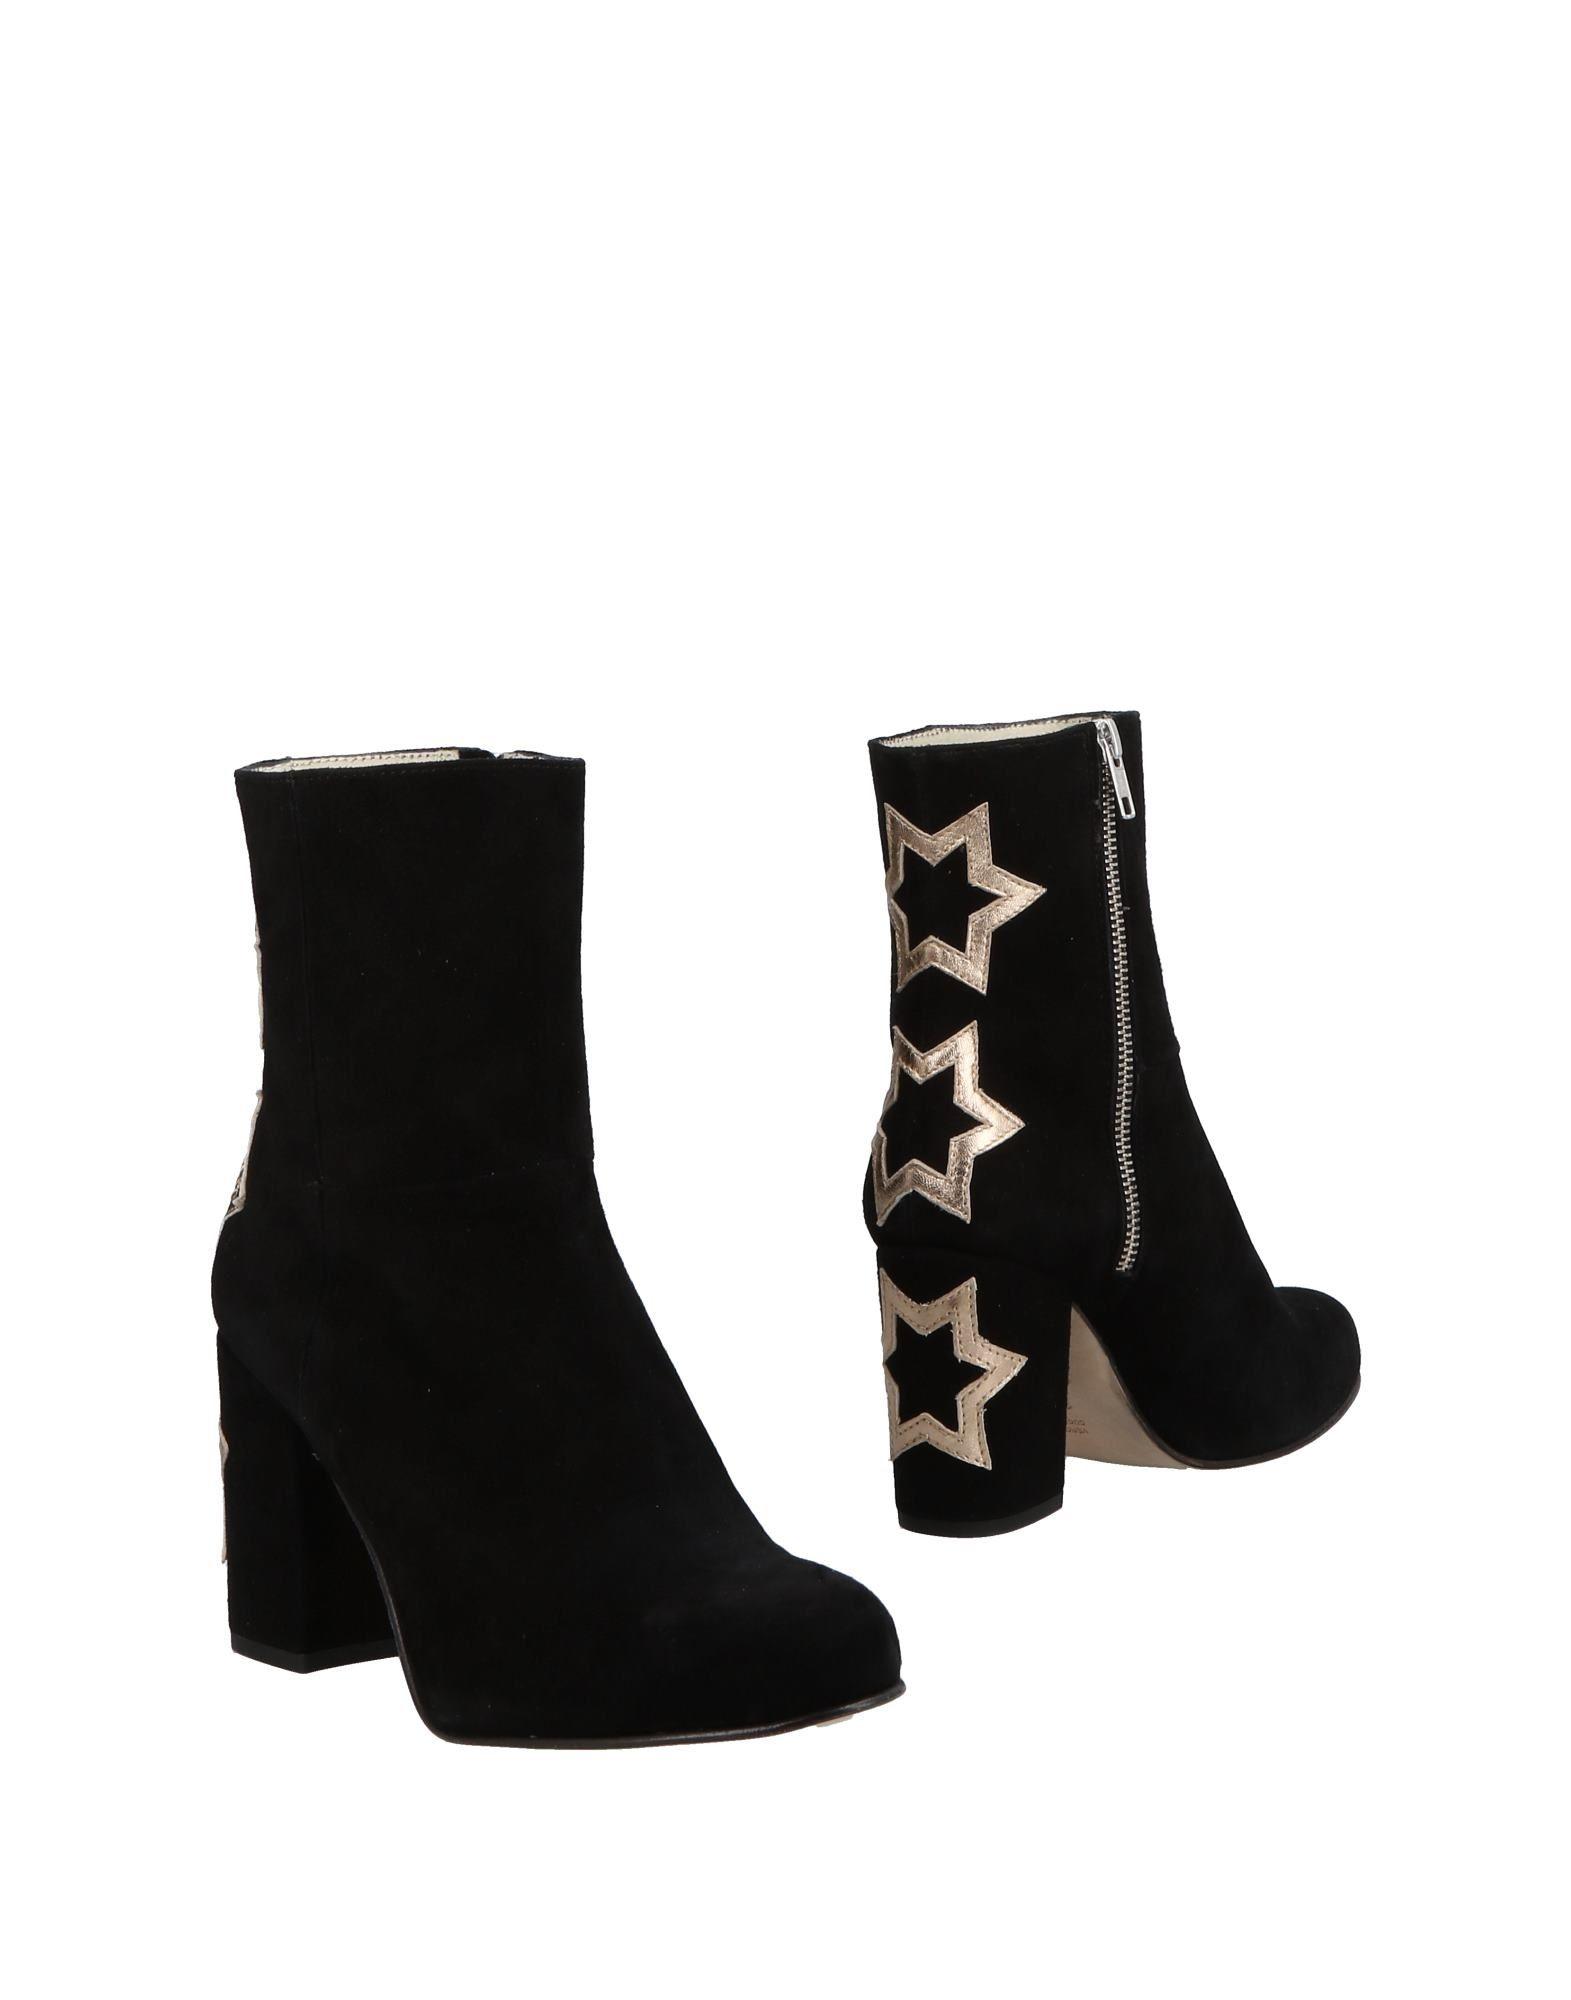 Ouigal Stiefelette beliebte Damen  11504054KS Gute Qualität beliebte Stiefelette Schuhe 17c576